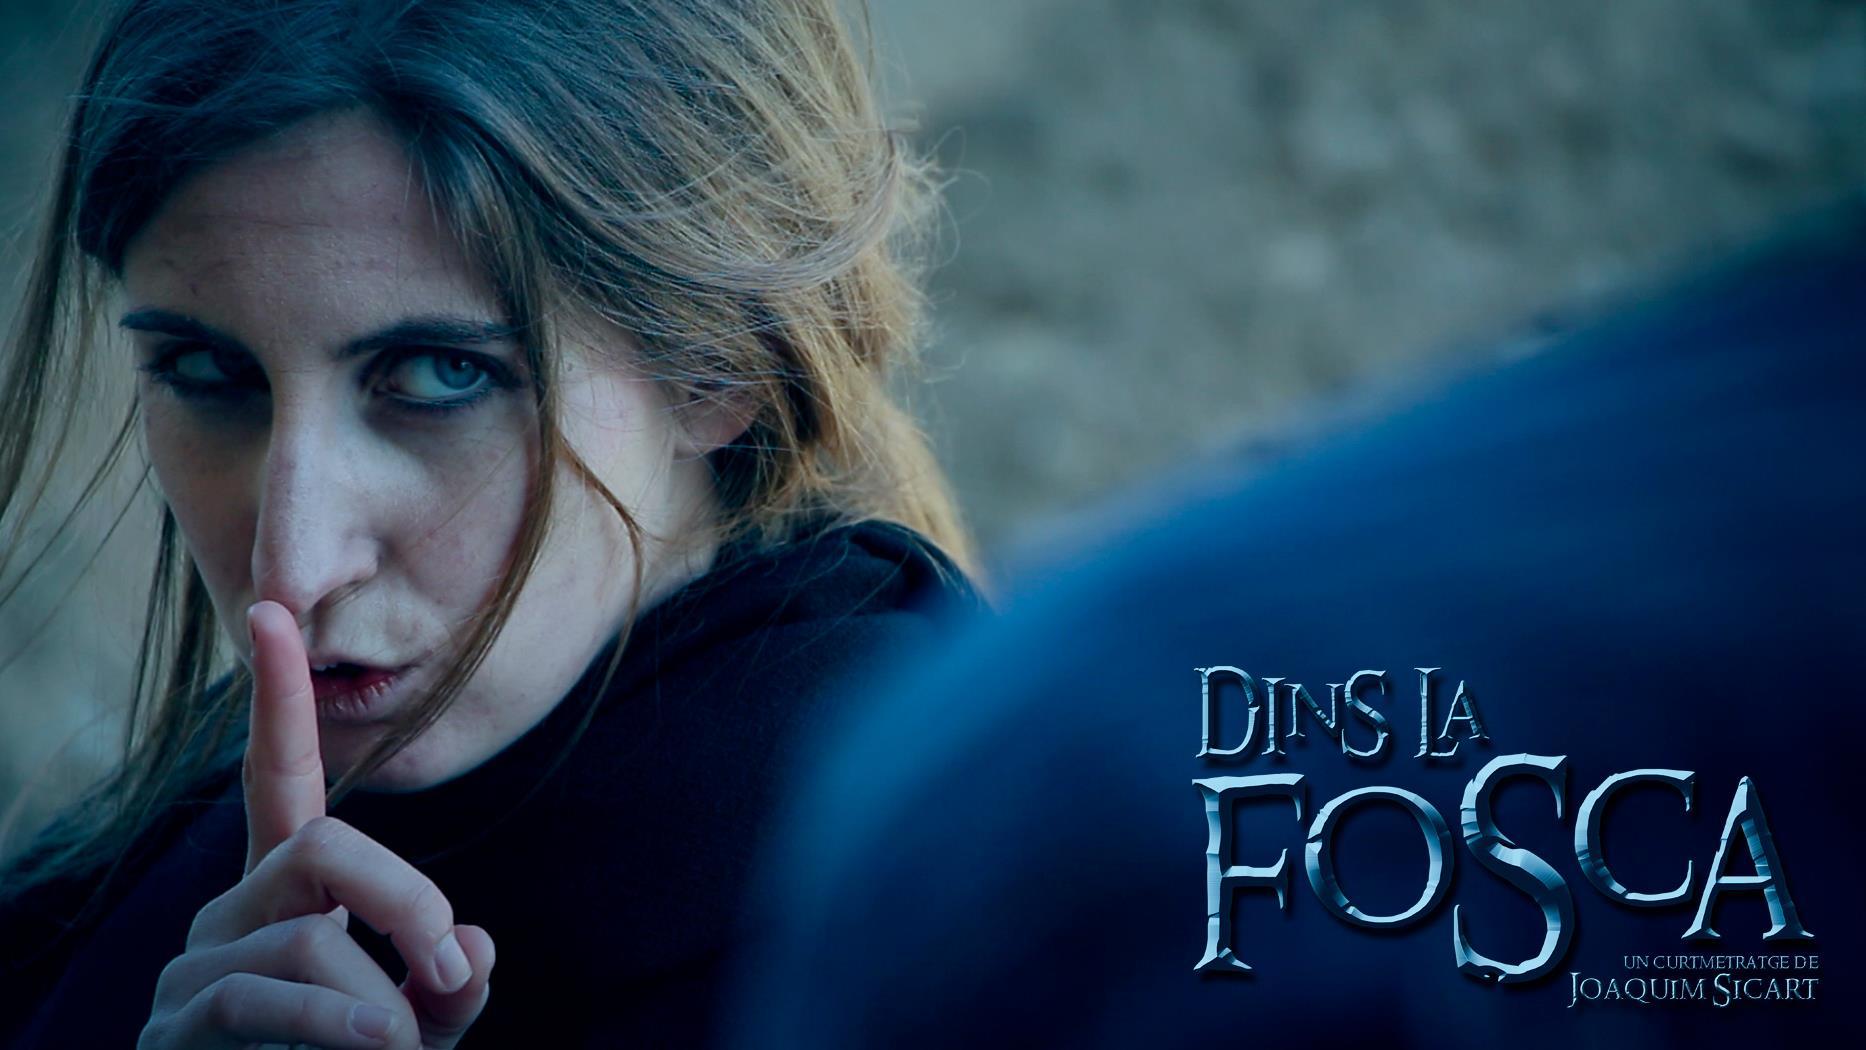 Dins la Fosca promotional image